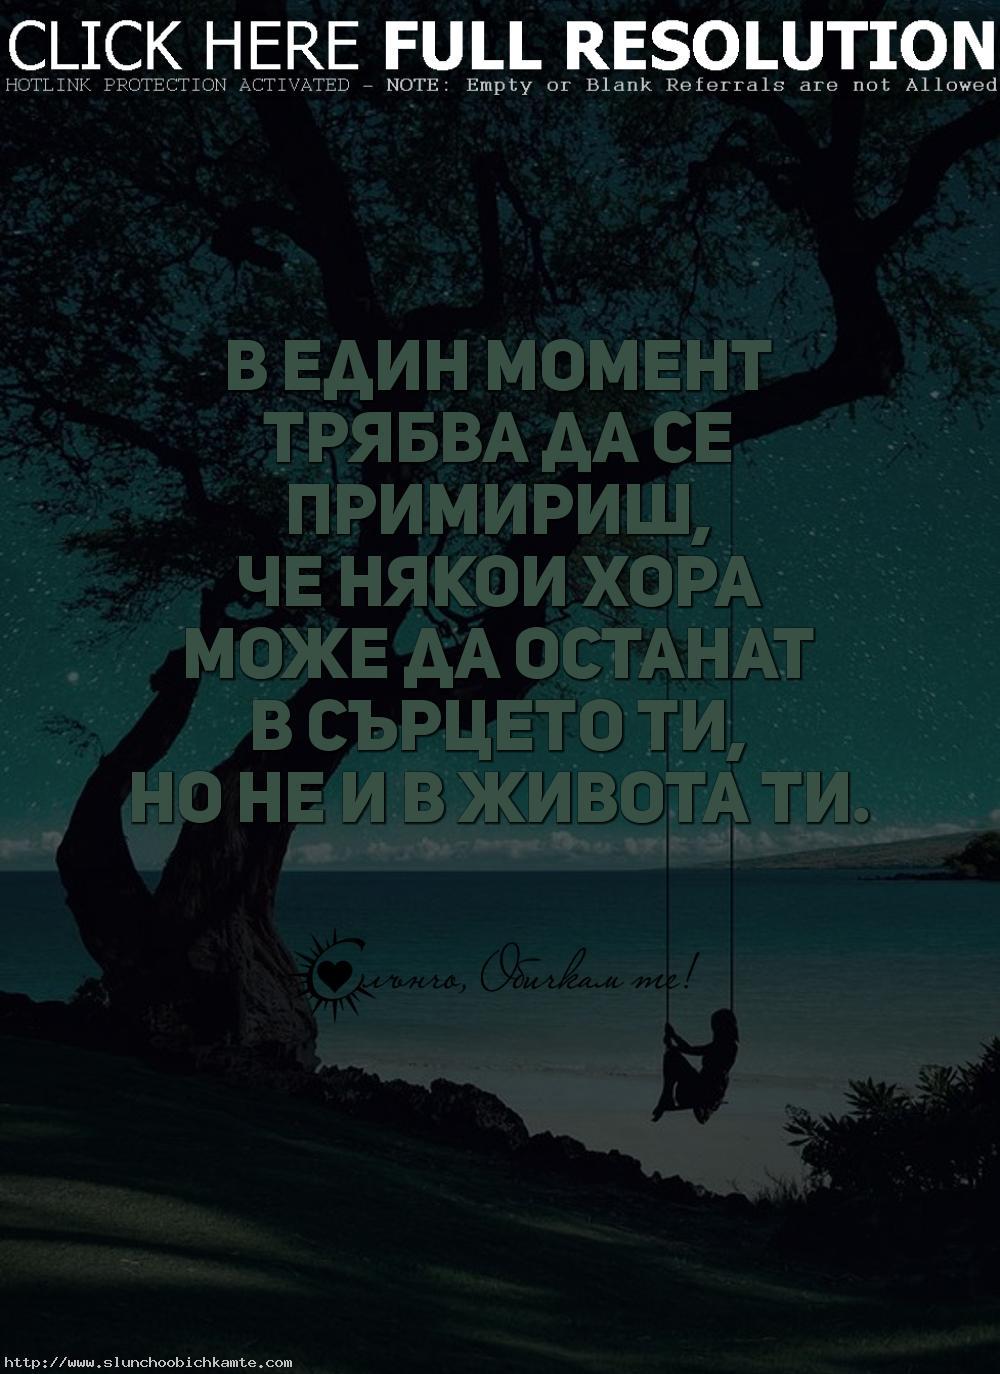 В един момент трябва да се примириш, че някои хора може да останат в сърцето ти, но не и в живота ти - несподелена любов, любов от разстояние, истинска любов, любовни мисли, любовни статуси, цитати за любовта, раздяла, болка, страдание, липсваш ми, край на връзката, сродна душа